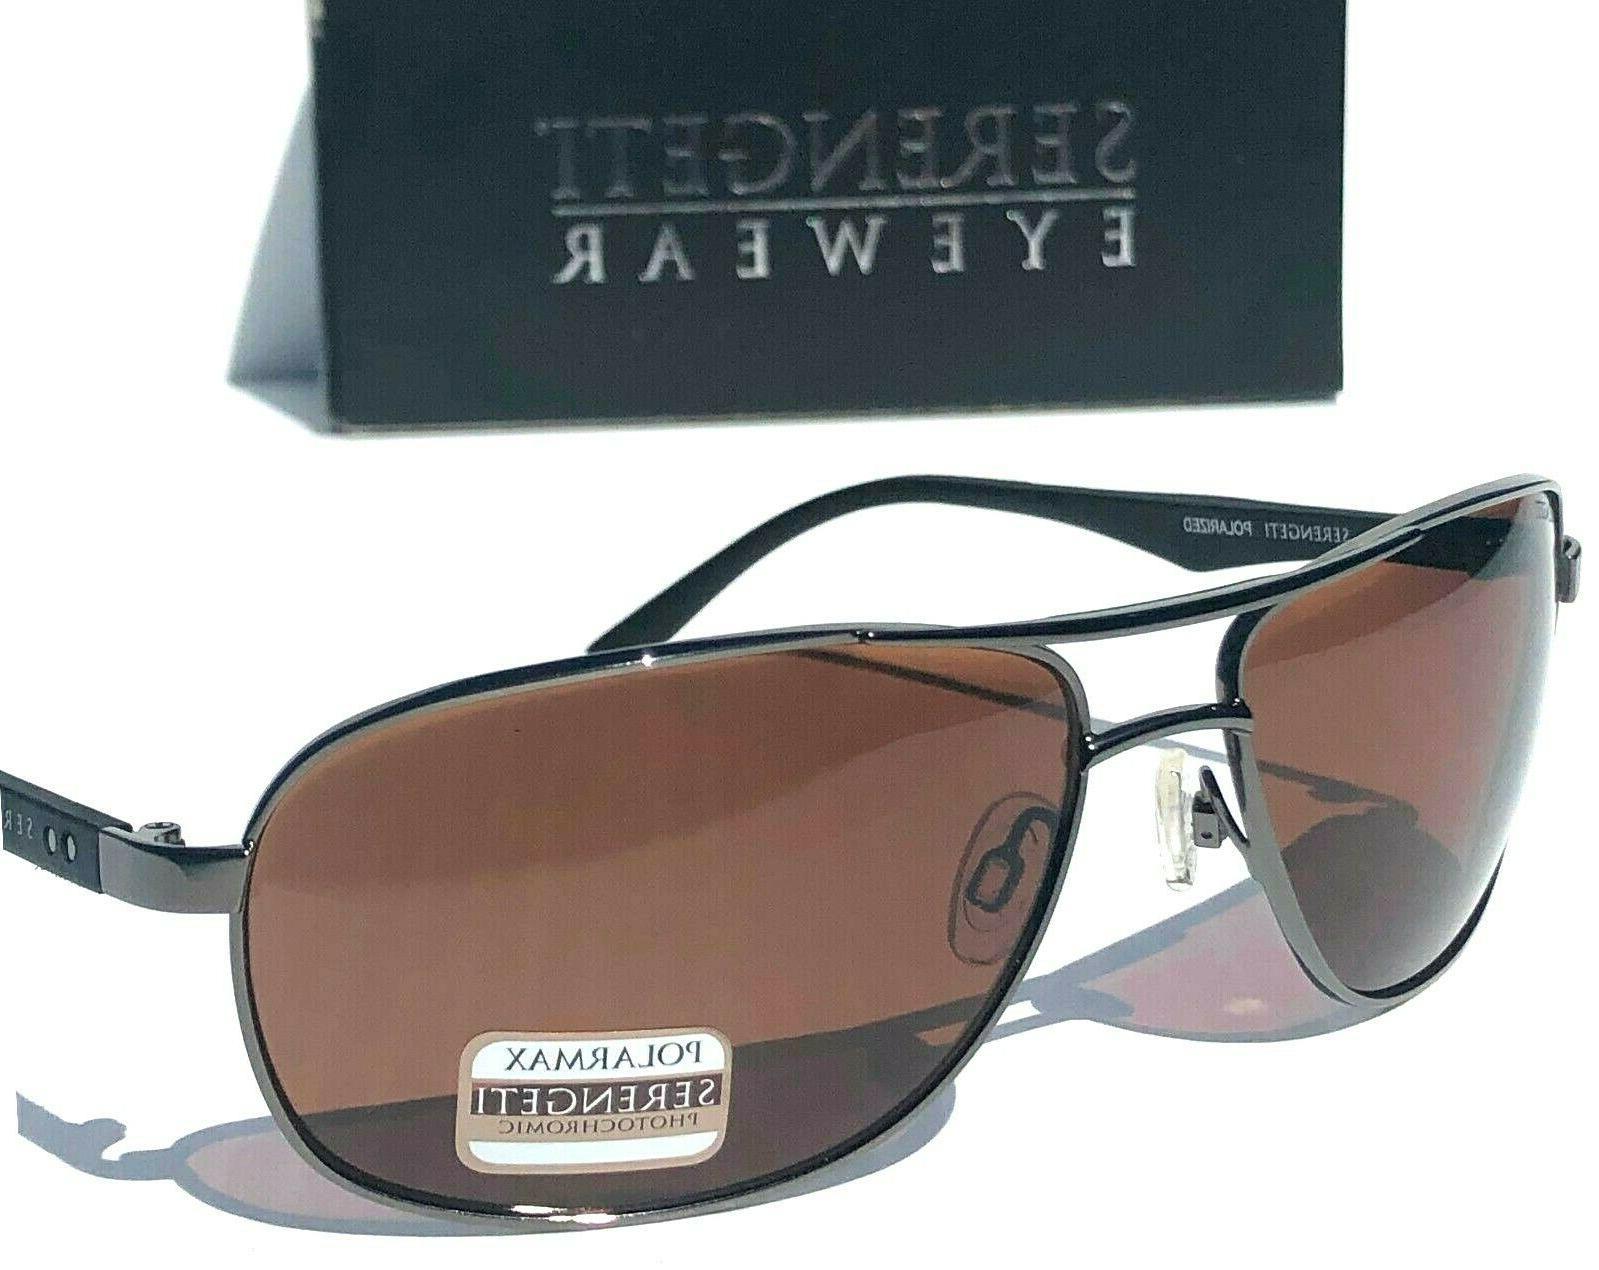 Serengeti Owings 8512 Shiny Gunmetal Polarized Sunglasses *** FREE SHIPPING ***